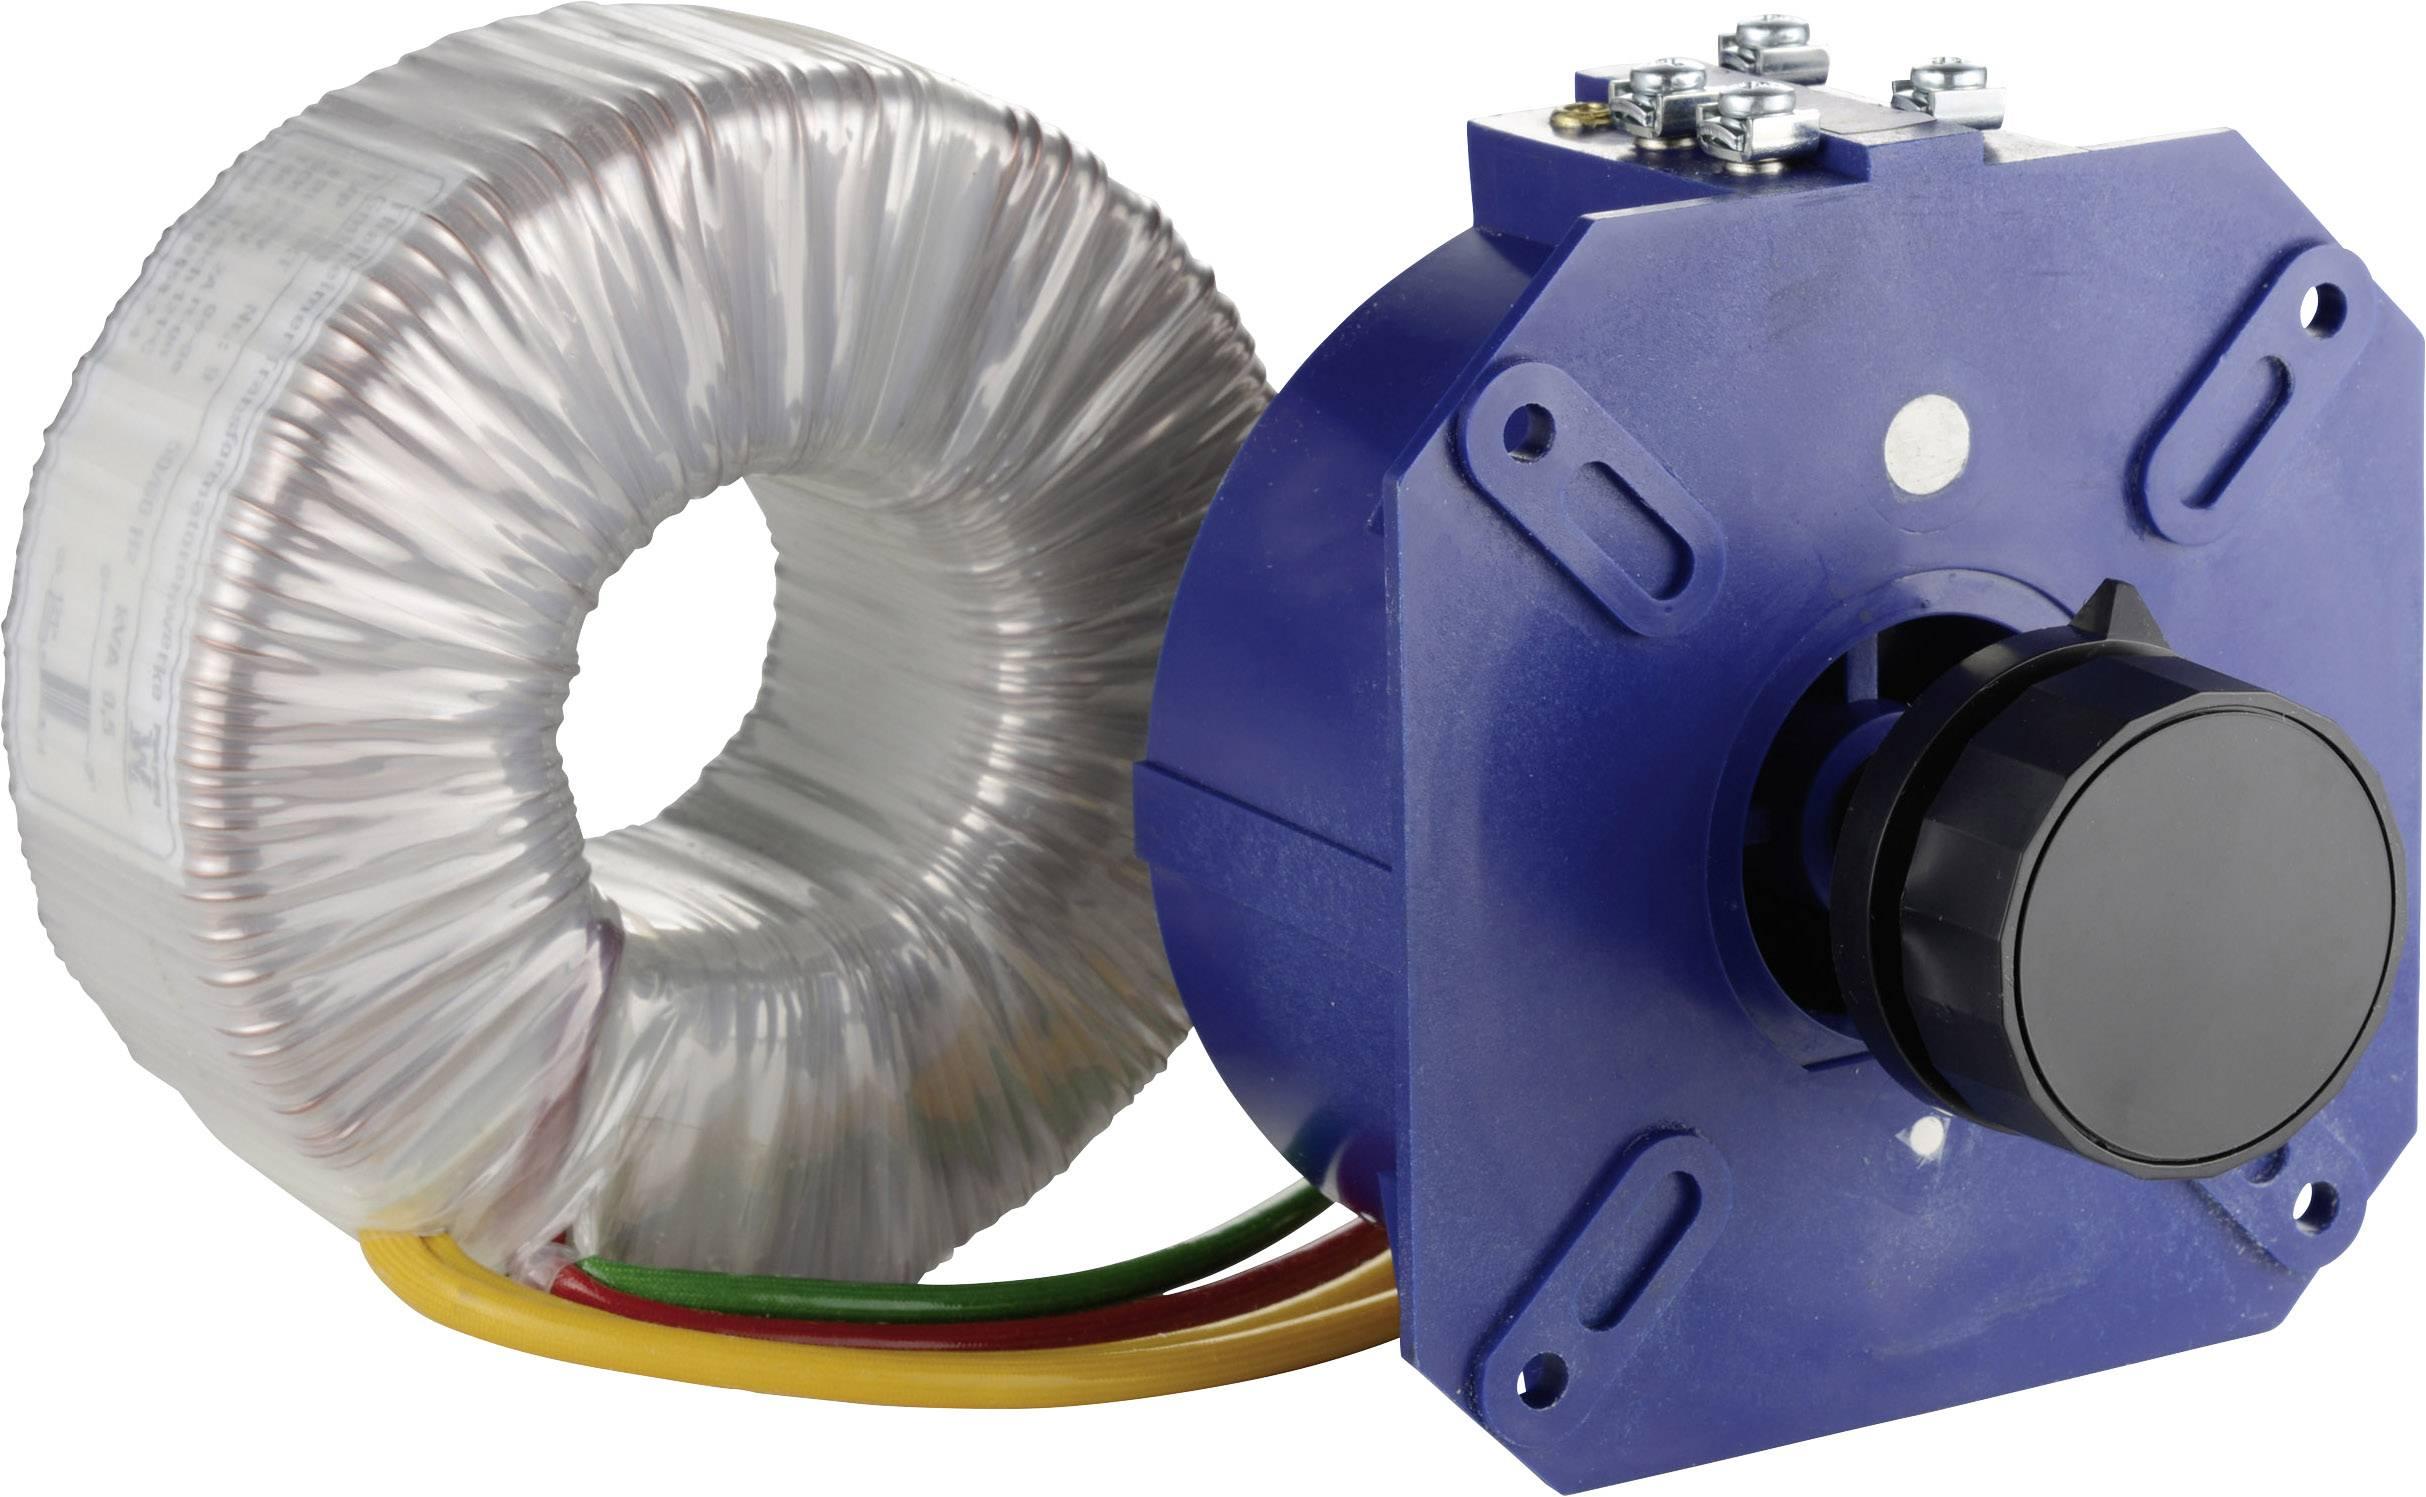 Regulačný transformátor Thalheimer KSS 103, 105 VA